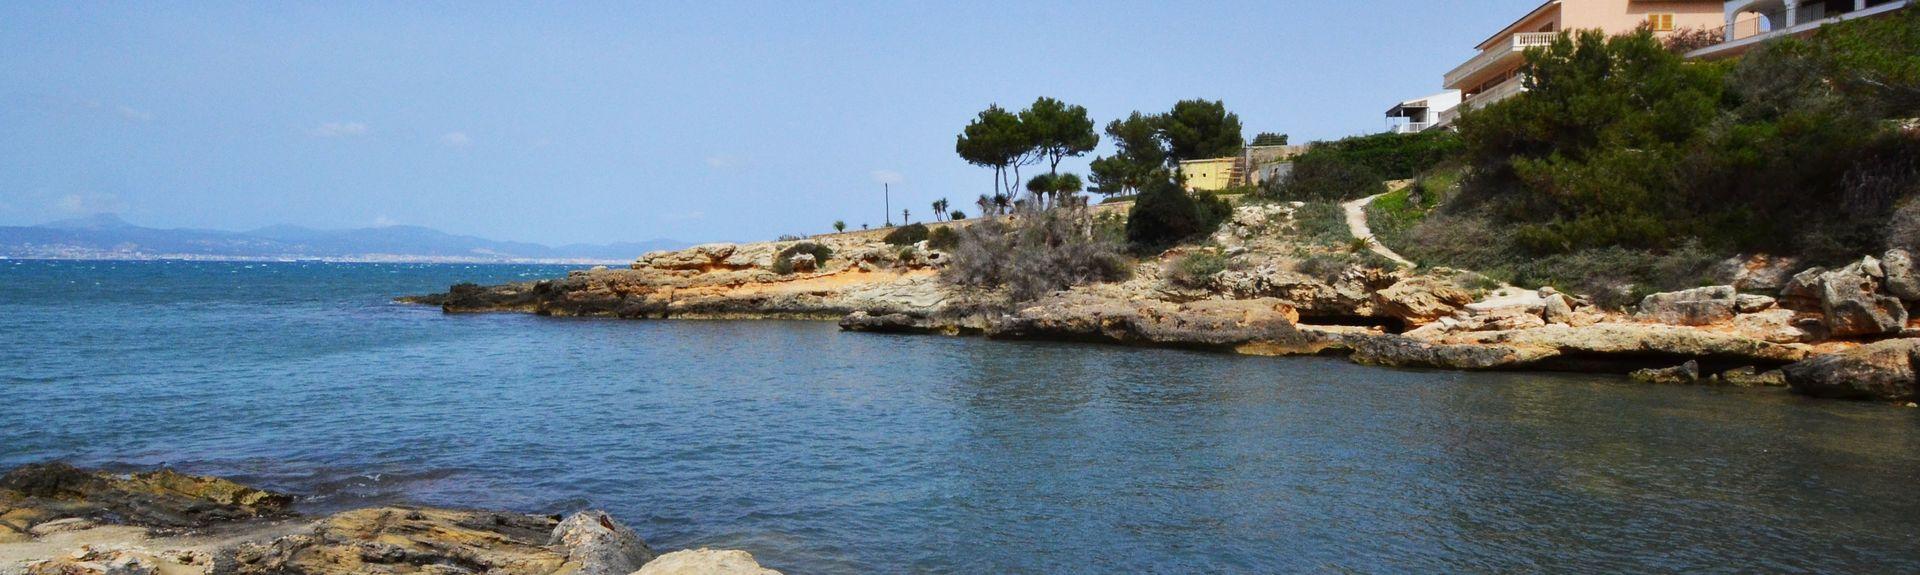 Son Ferriol, Baleary, Hiszpania